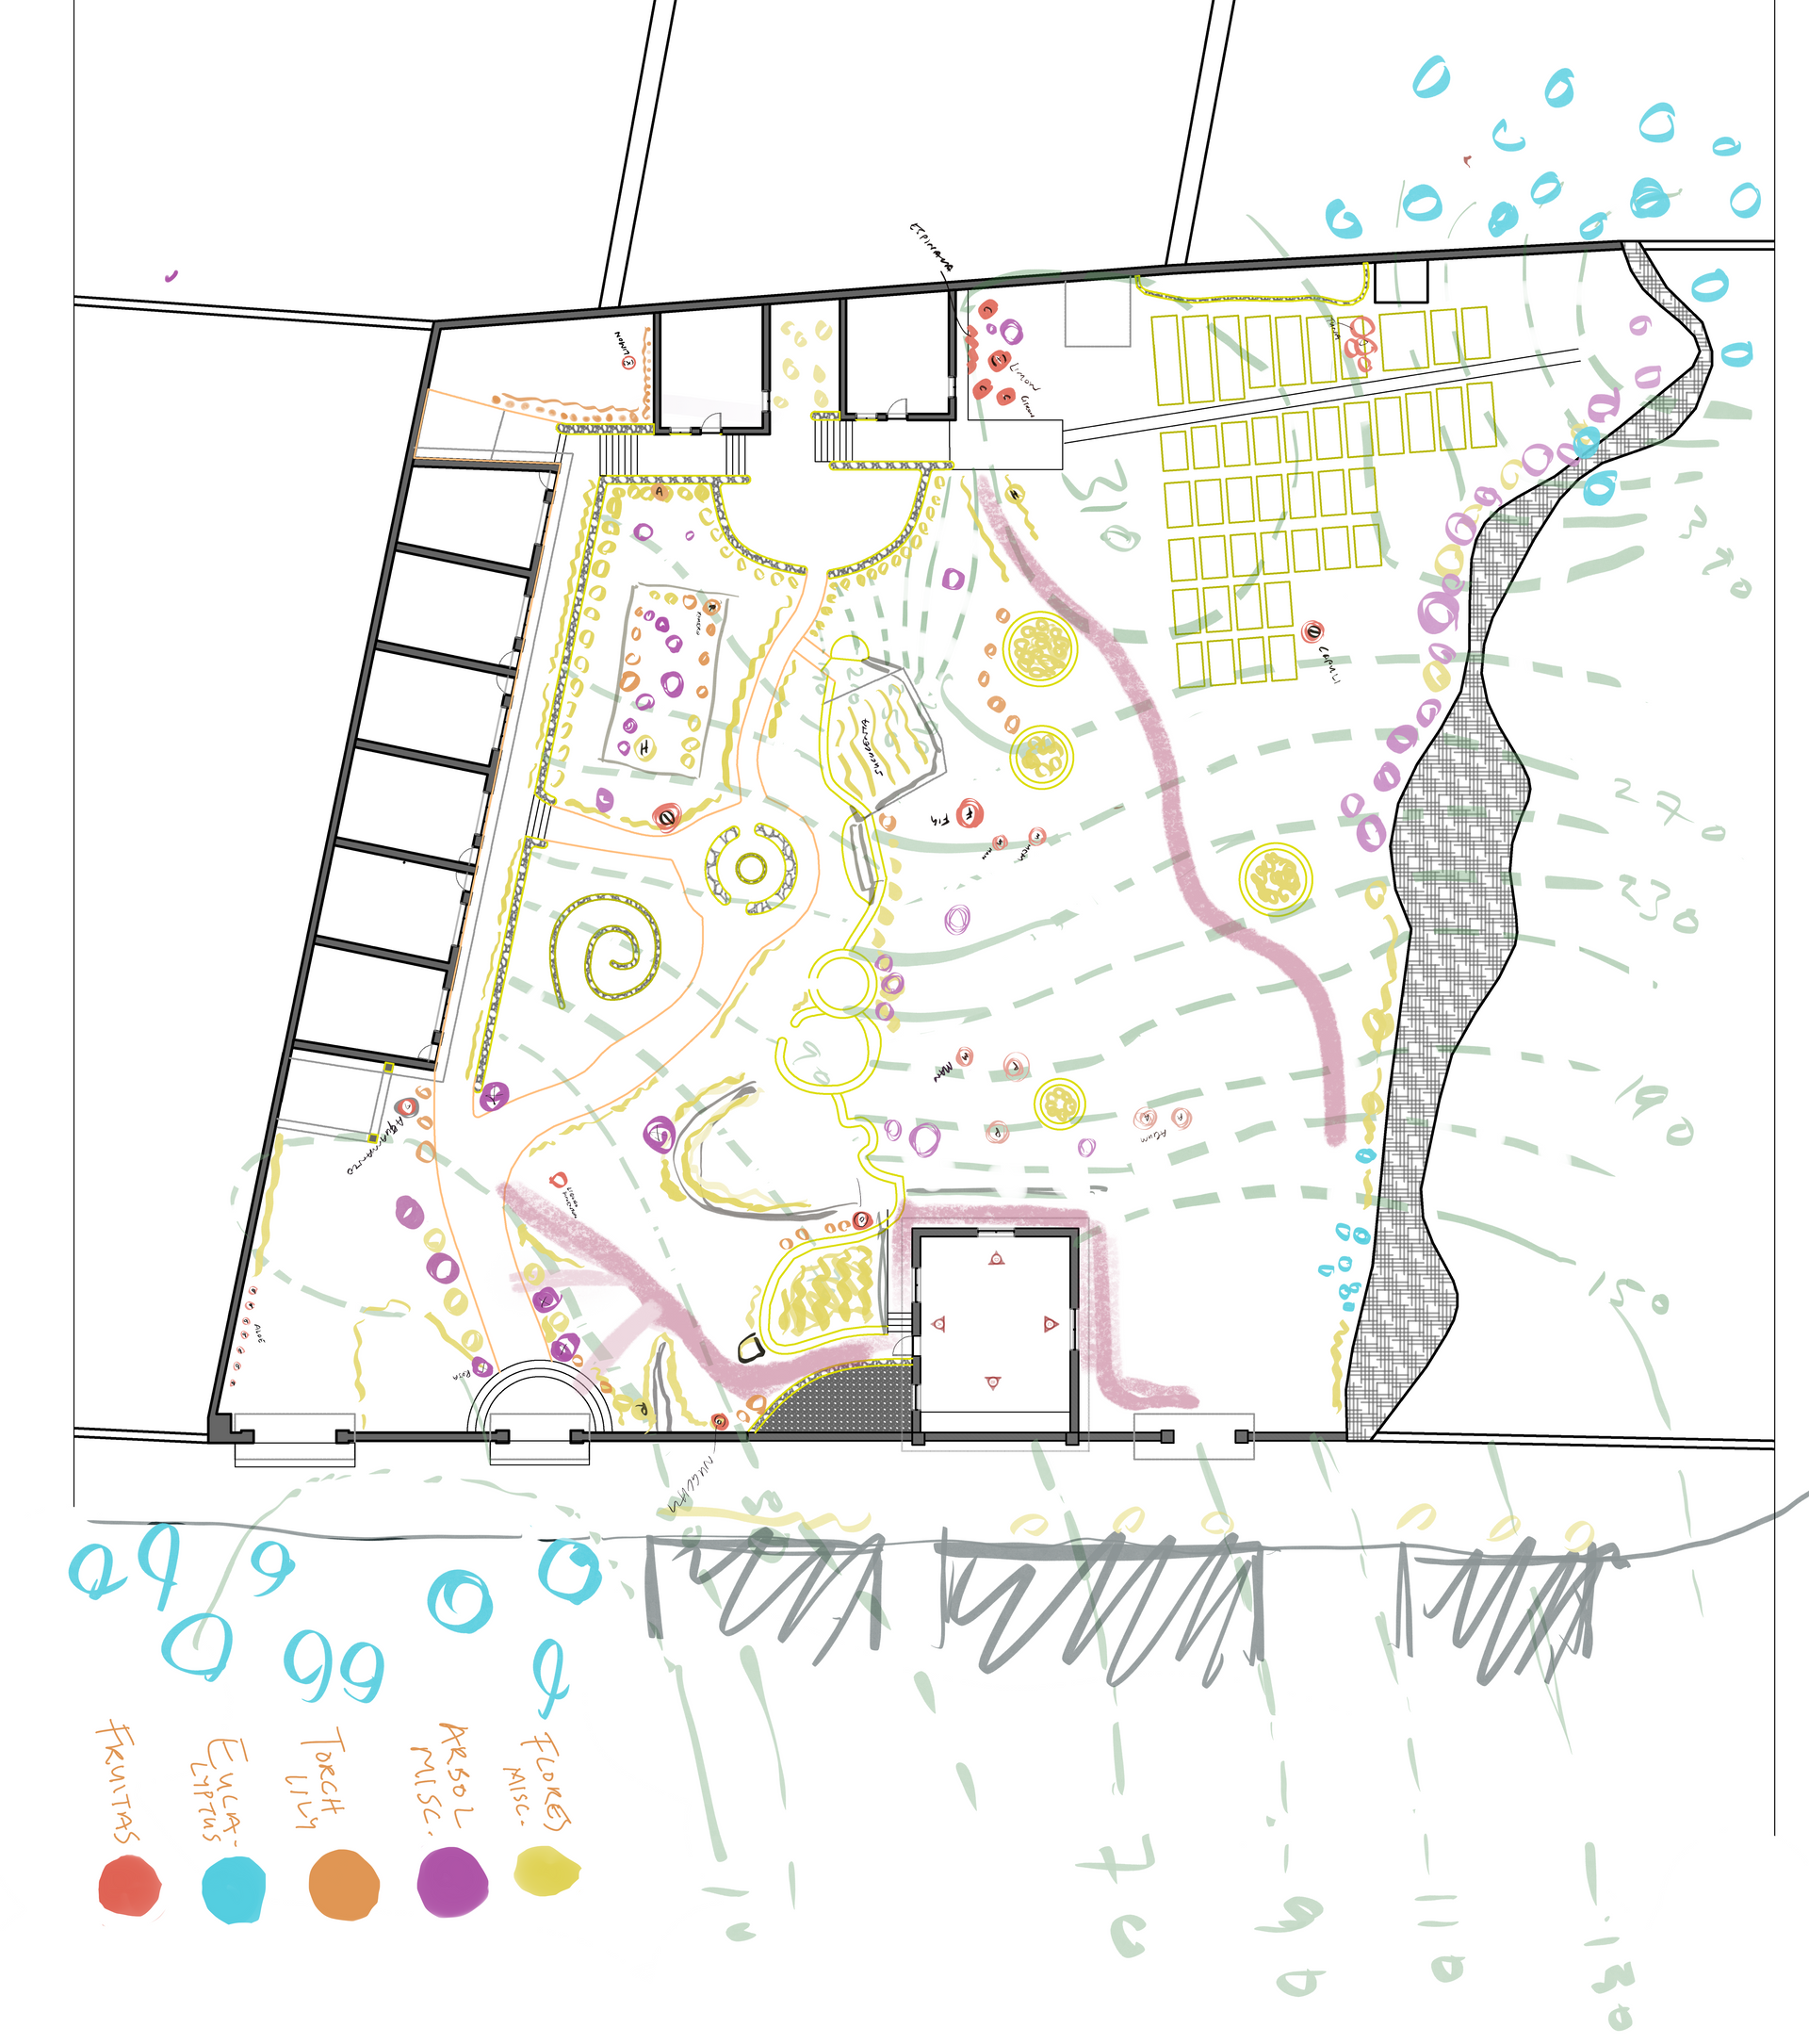 Site - Flora - Topography Survey